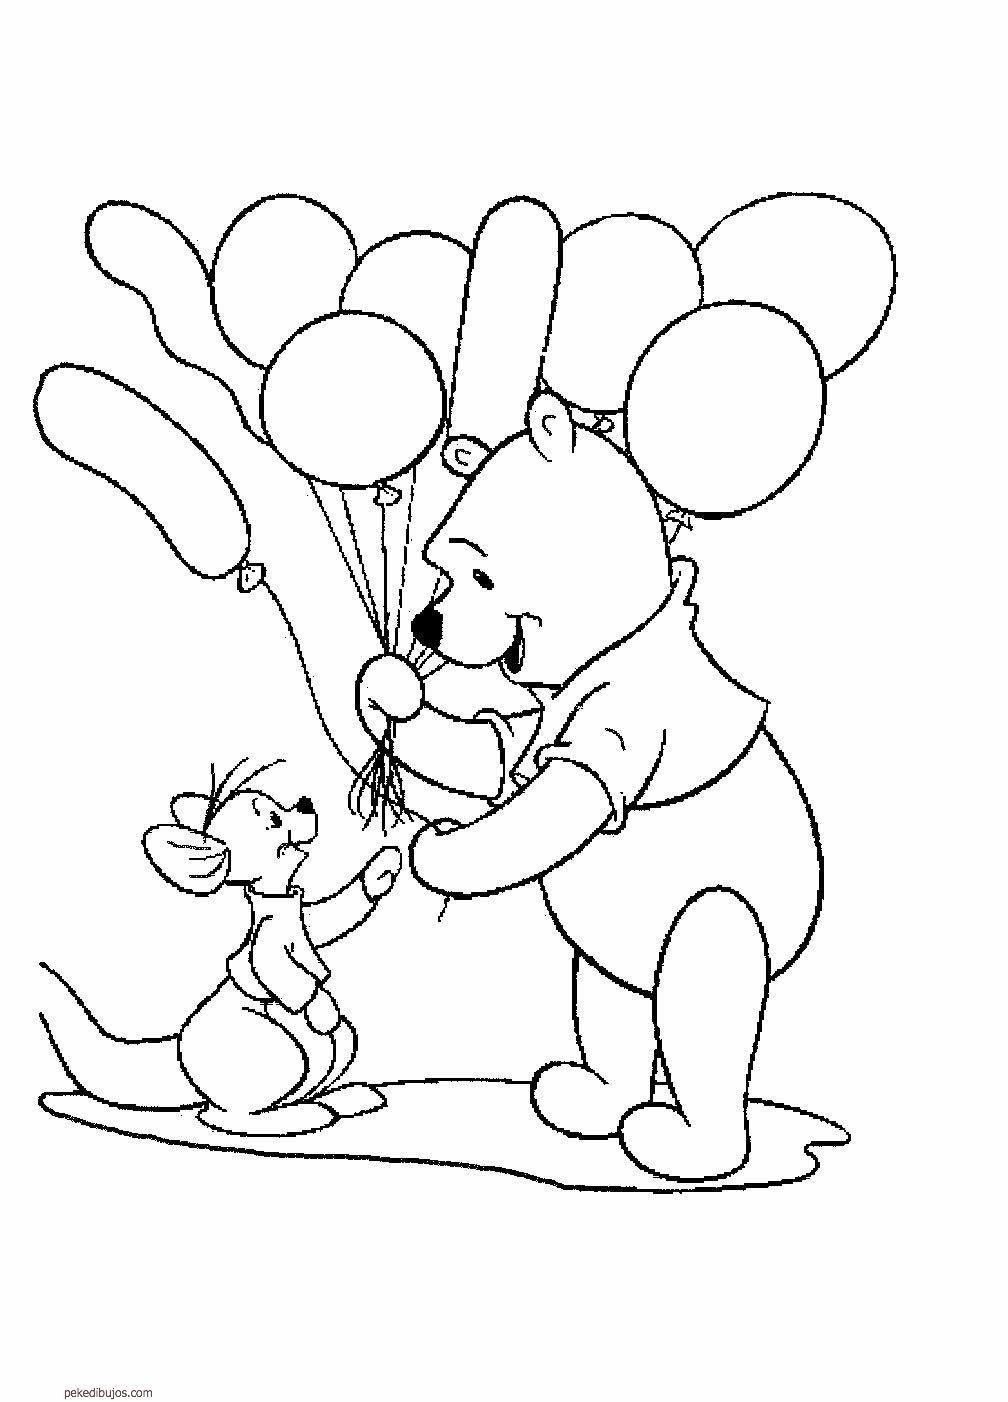 Dibujos De Winnie De Pooh Para Colorear Paginas Para Colorir Da Disney Paginas Para Colorir Cores Disney